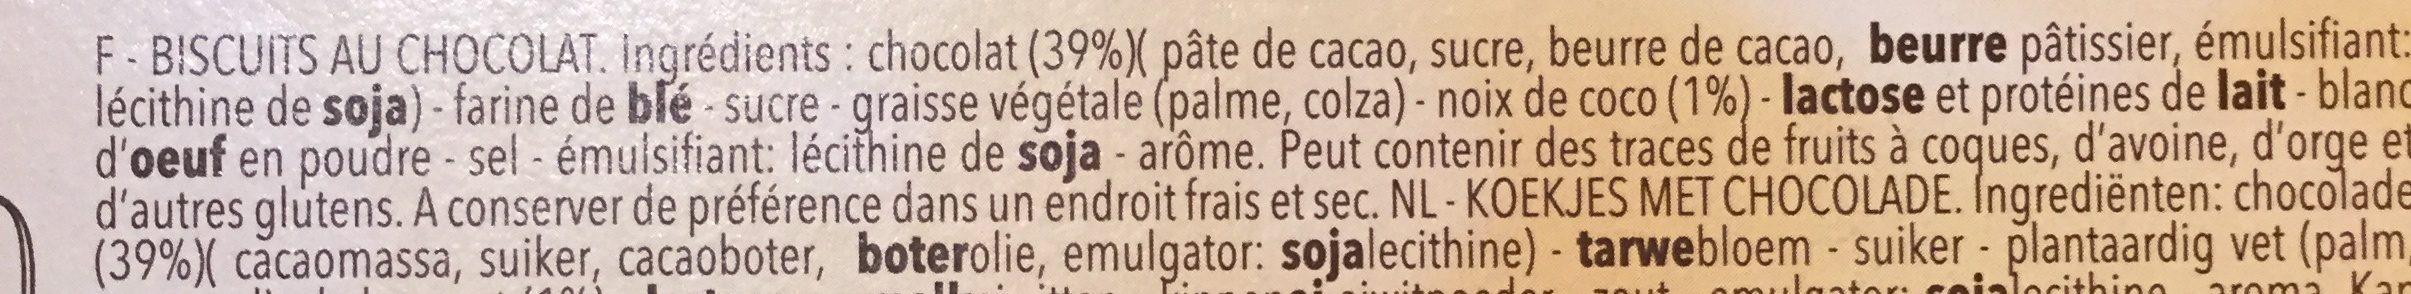 Biarritz - Ingredients